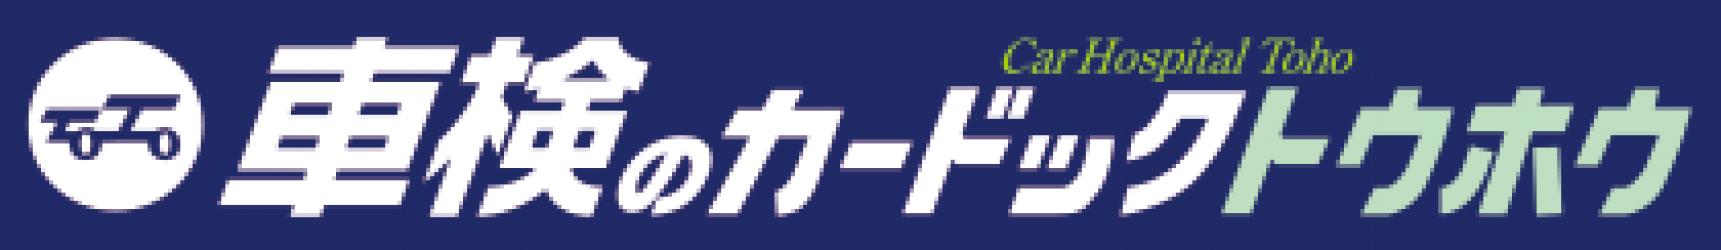 千葉県習志野市の格安車検「車検のカードックトウホウ」|【最大割引13,000円】